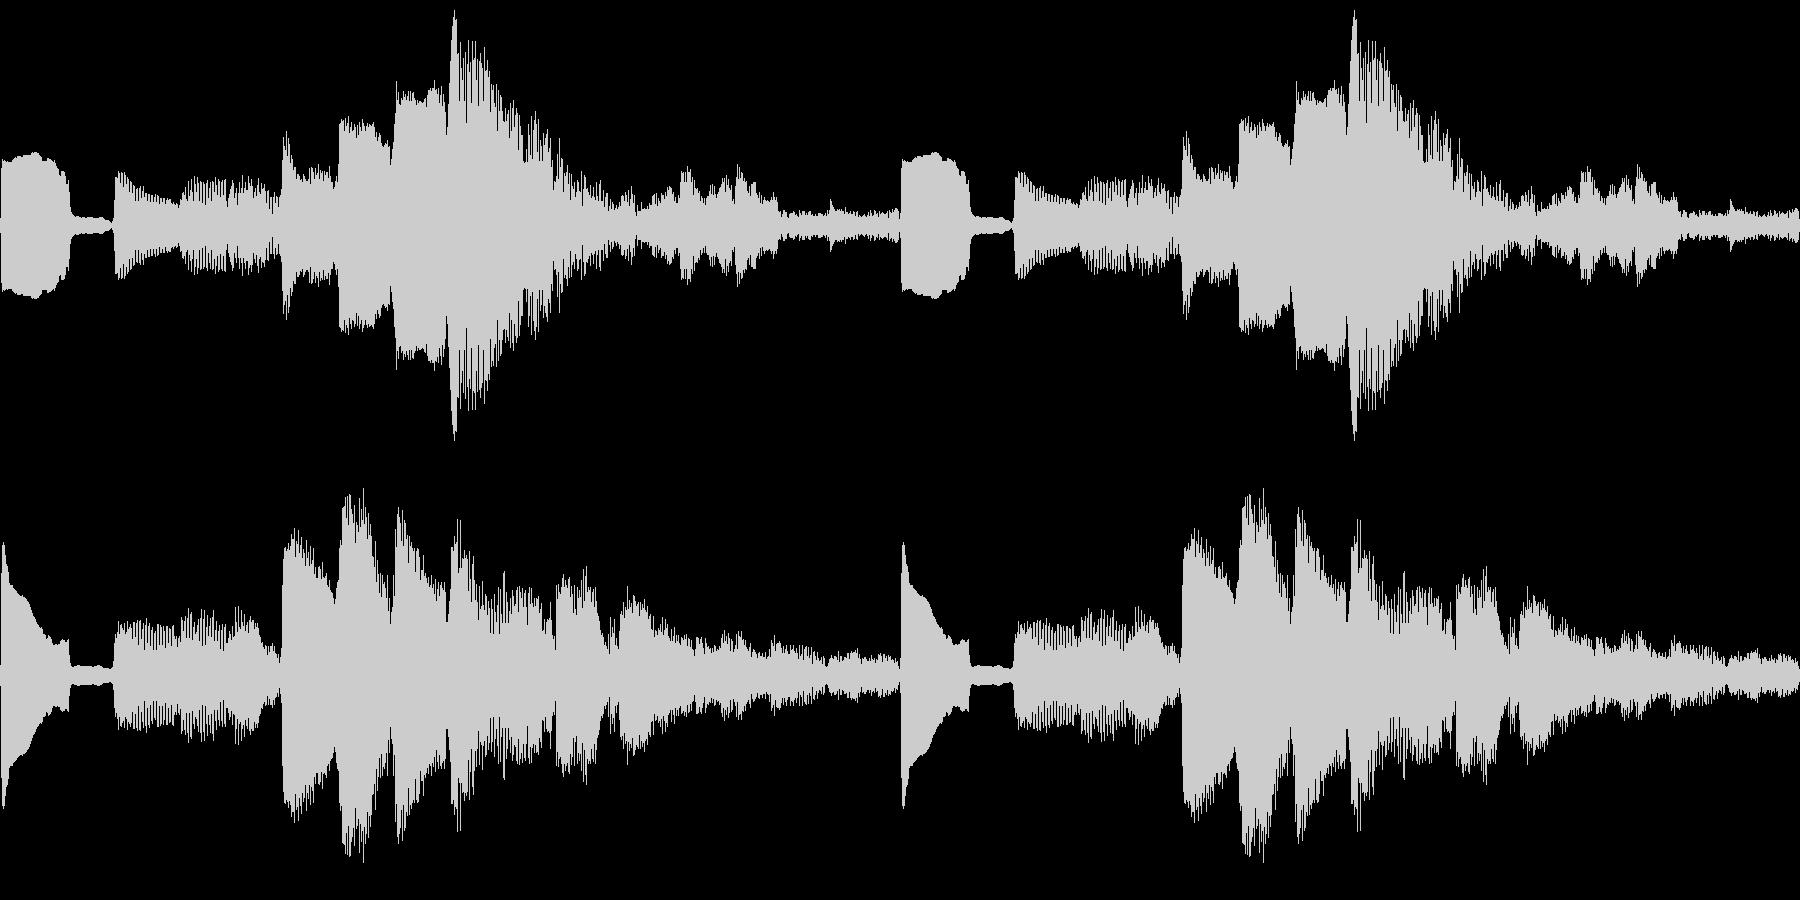 k014 アラーム音(ループ仕様)の未再生の波形